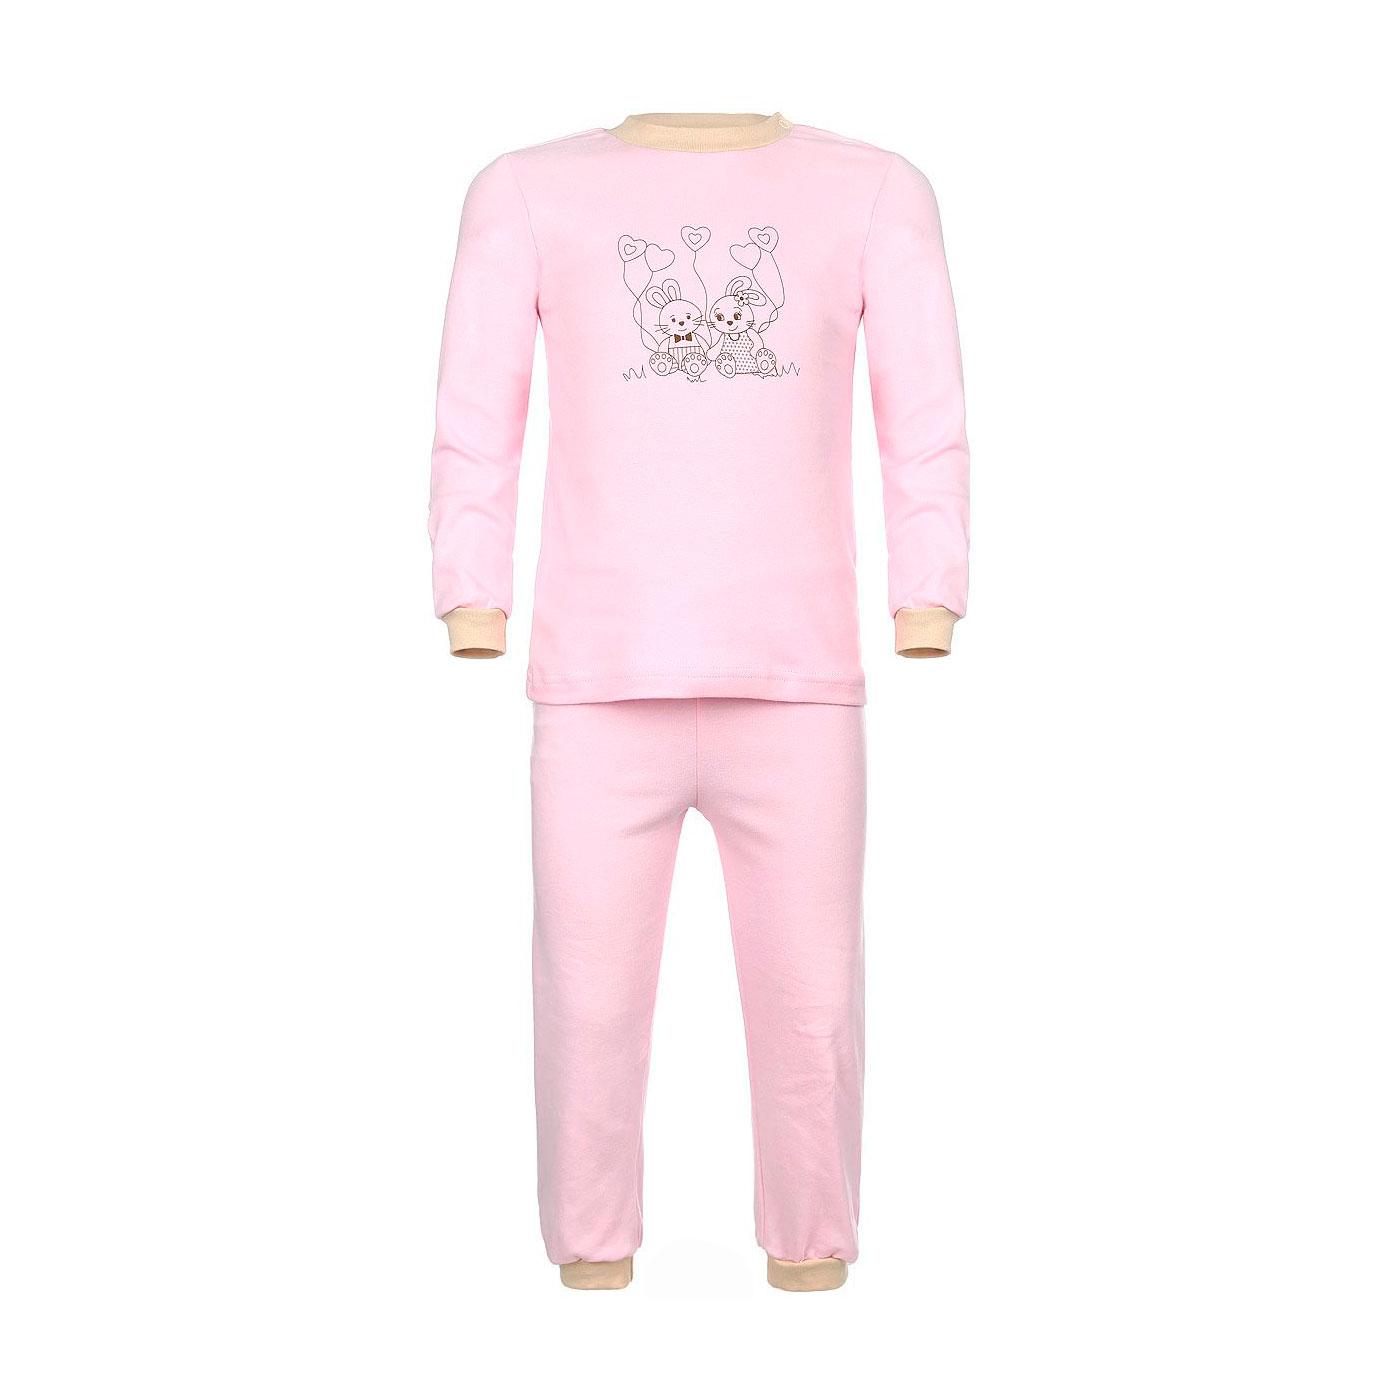 Пижама Котмаркот Зайкина любовь рост 92 розовый<br>